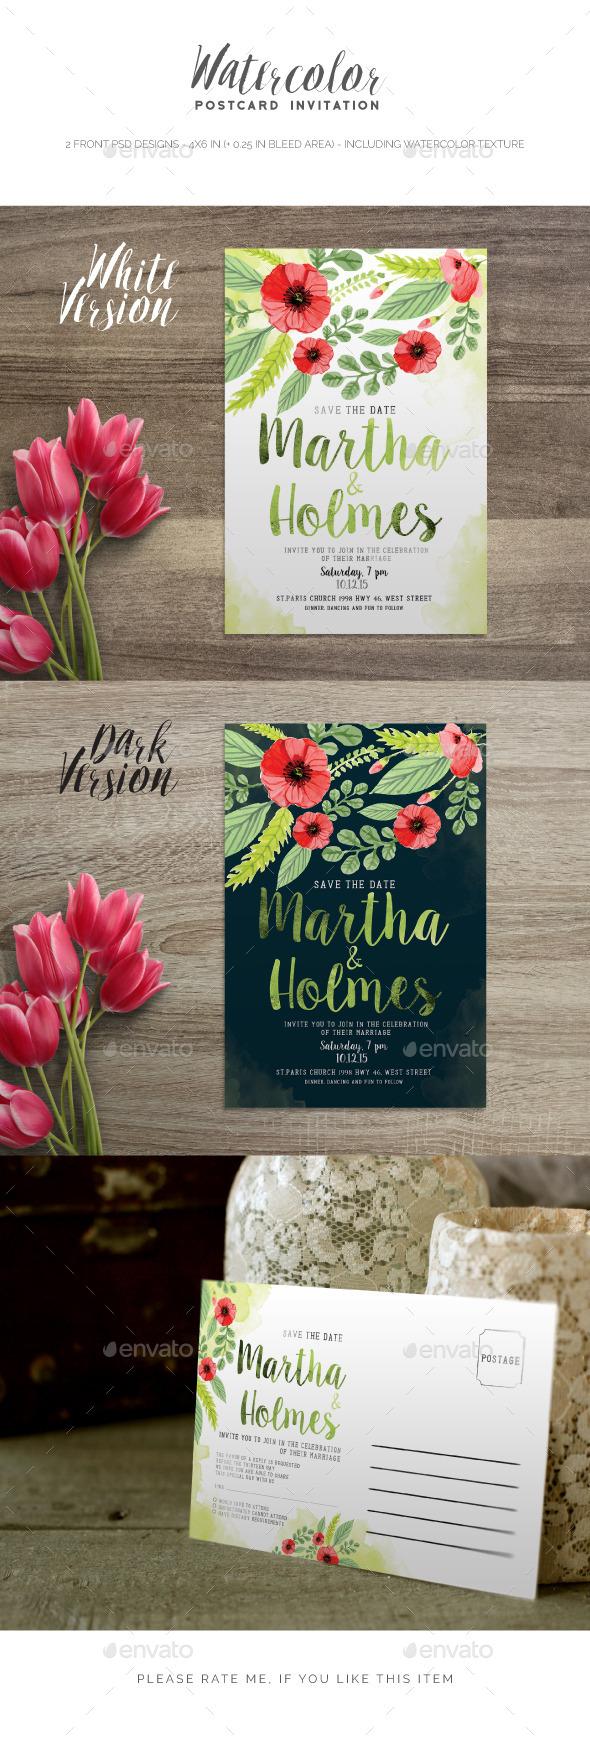 Watercolor Postcard Invitation